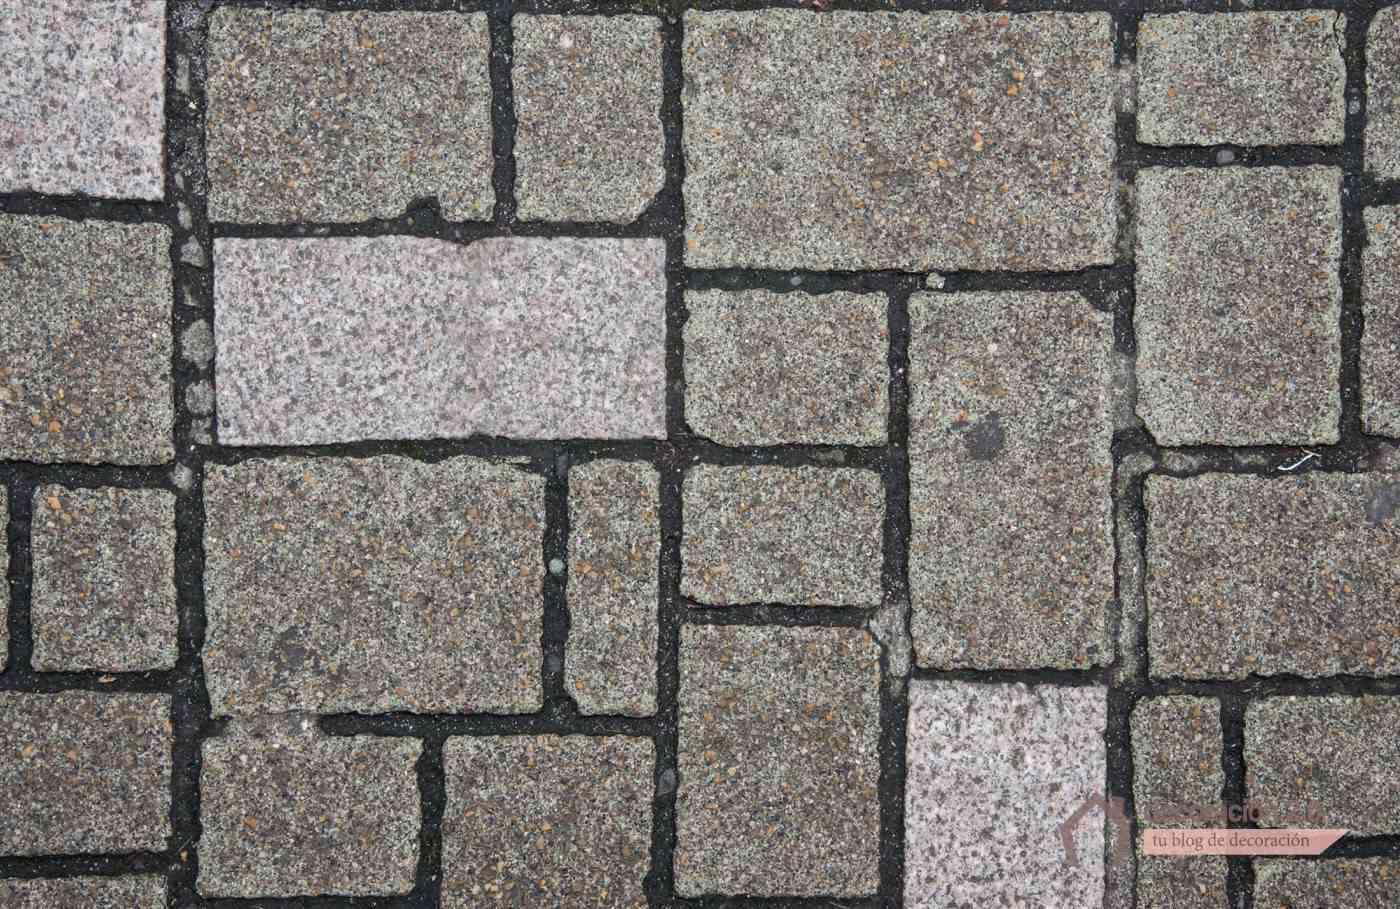 C mo hacer suelo de piedra irregular - Rellenar juntas baldosas exterior ...